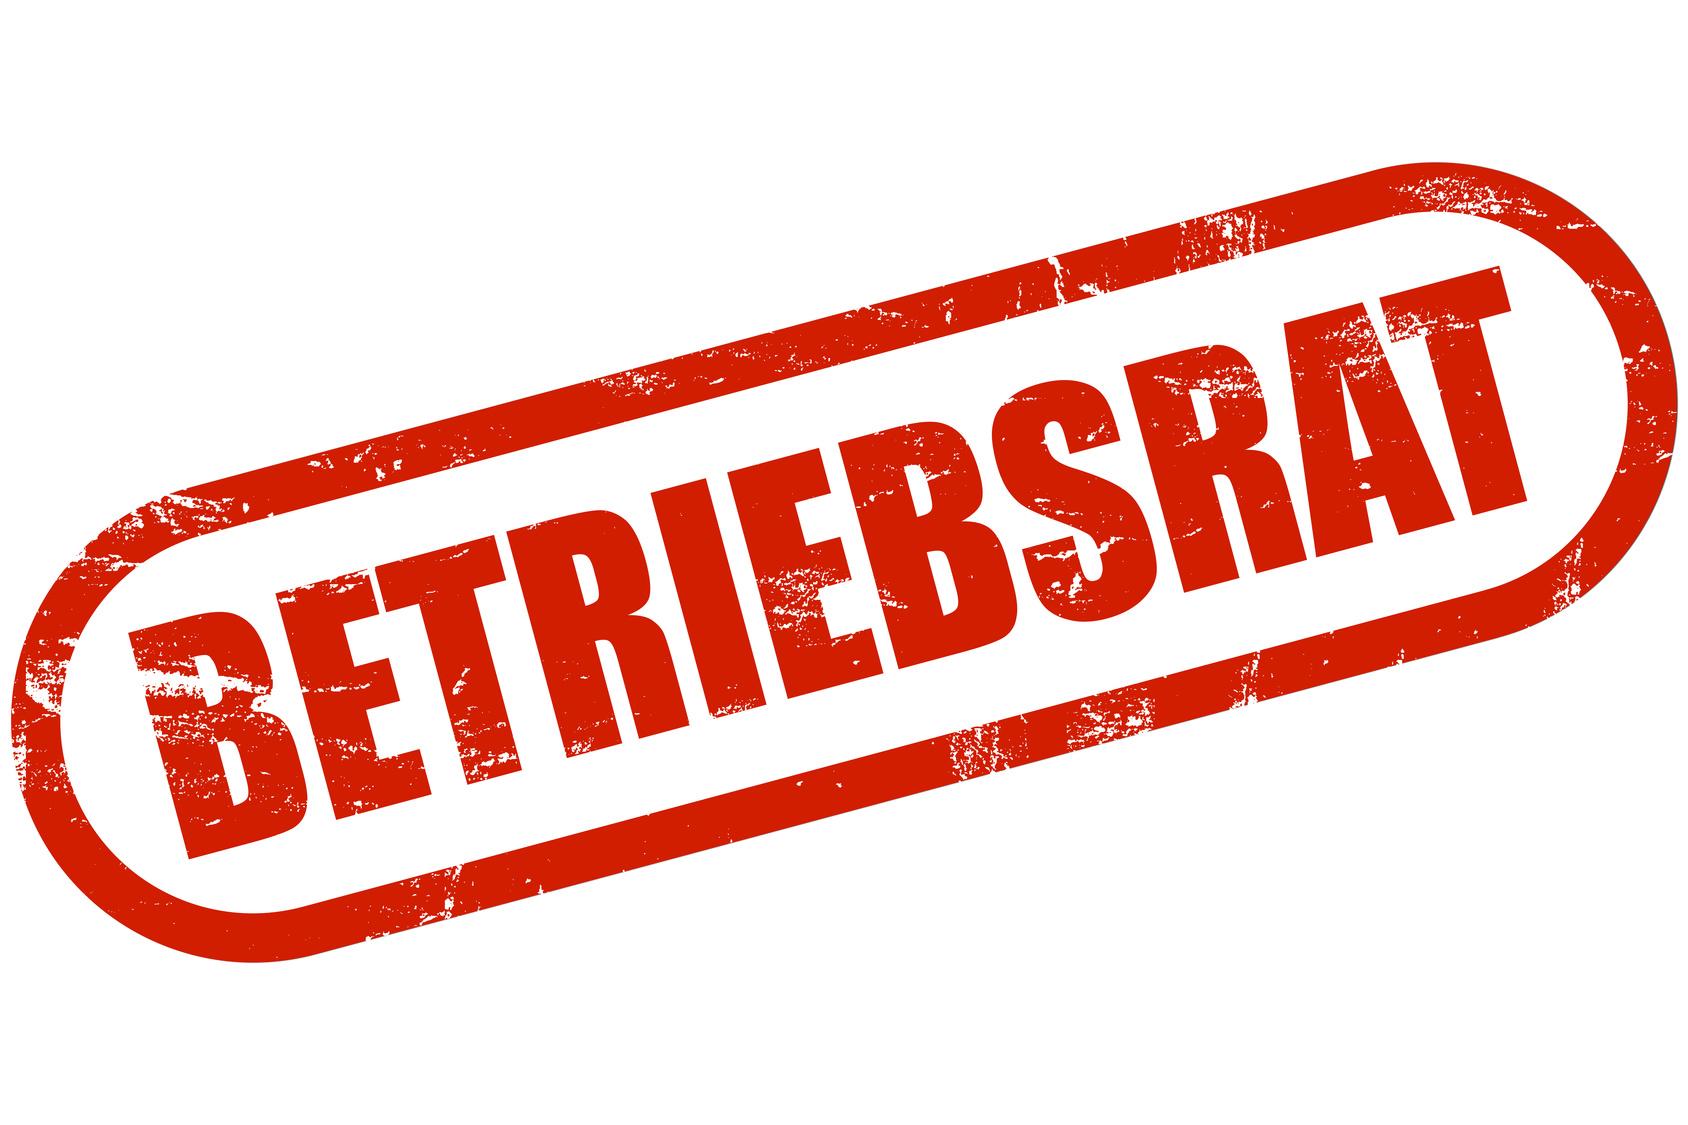 Befristetes Arbeitsverhältnis Von Betriebsräten Kann Verlängert